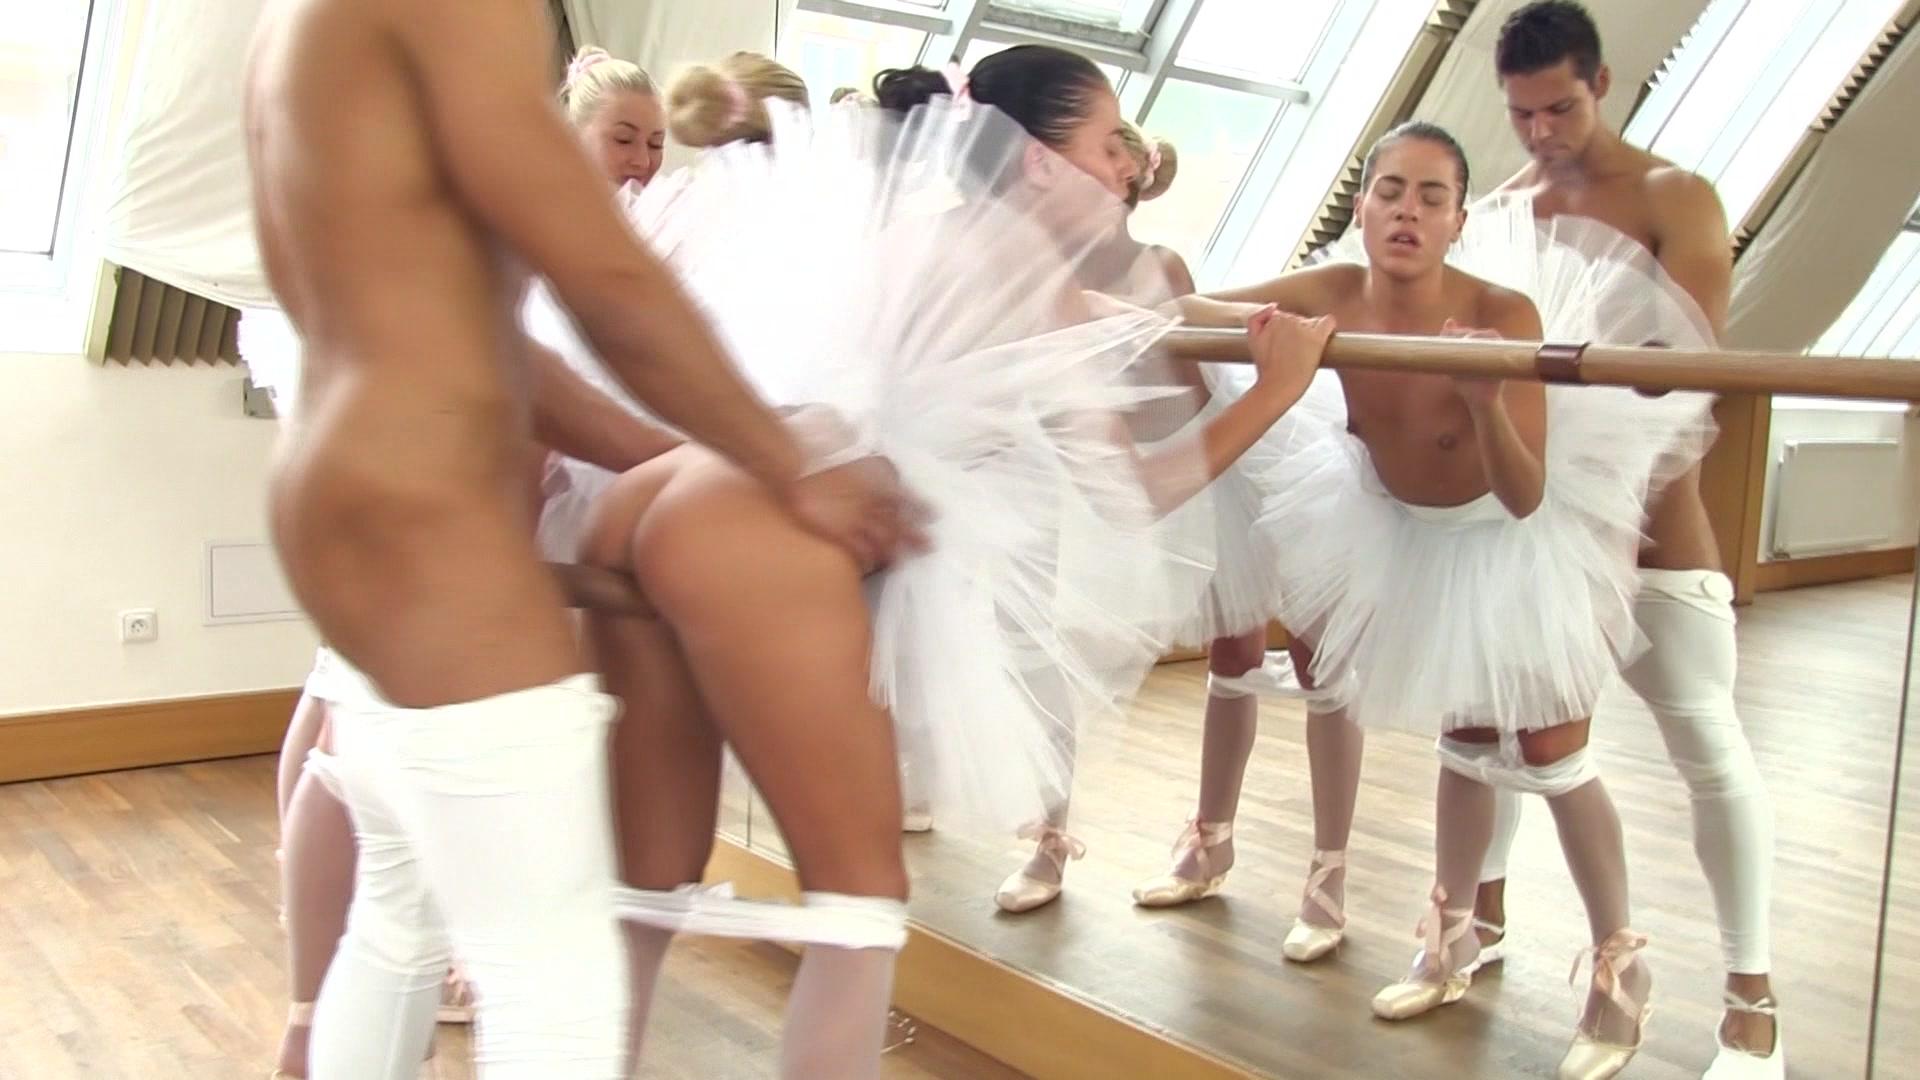 dva-muzhika-na-odnoy-balerine-video-foto-erotika-domashnee-nizhnee-bele